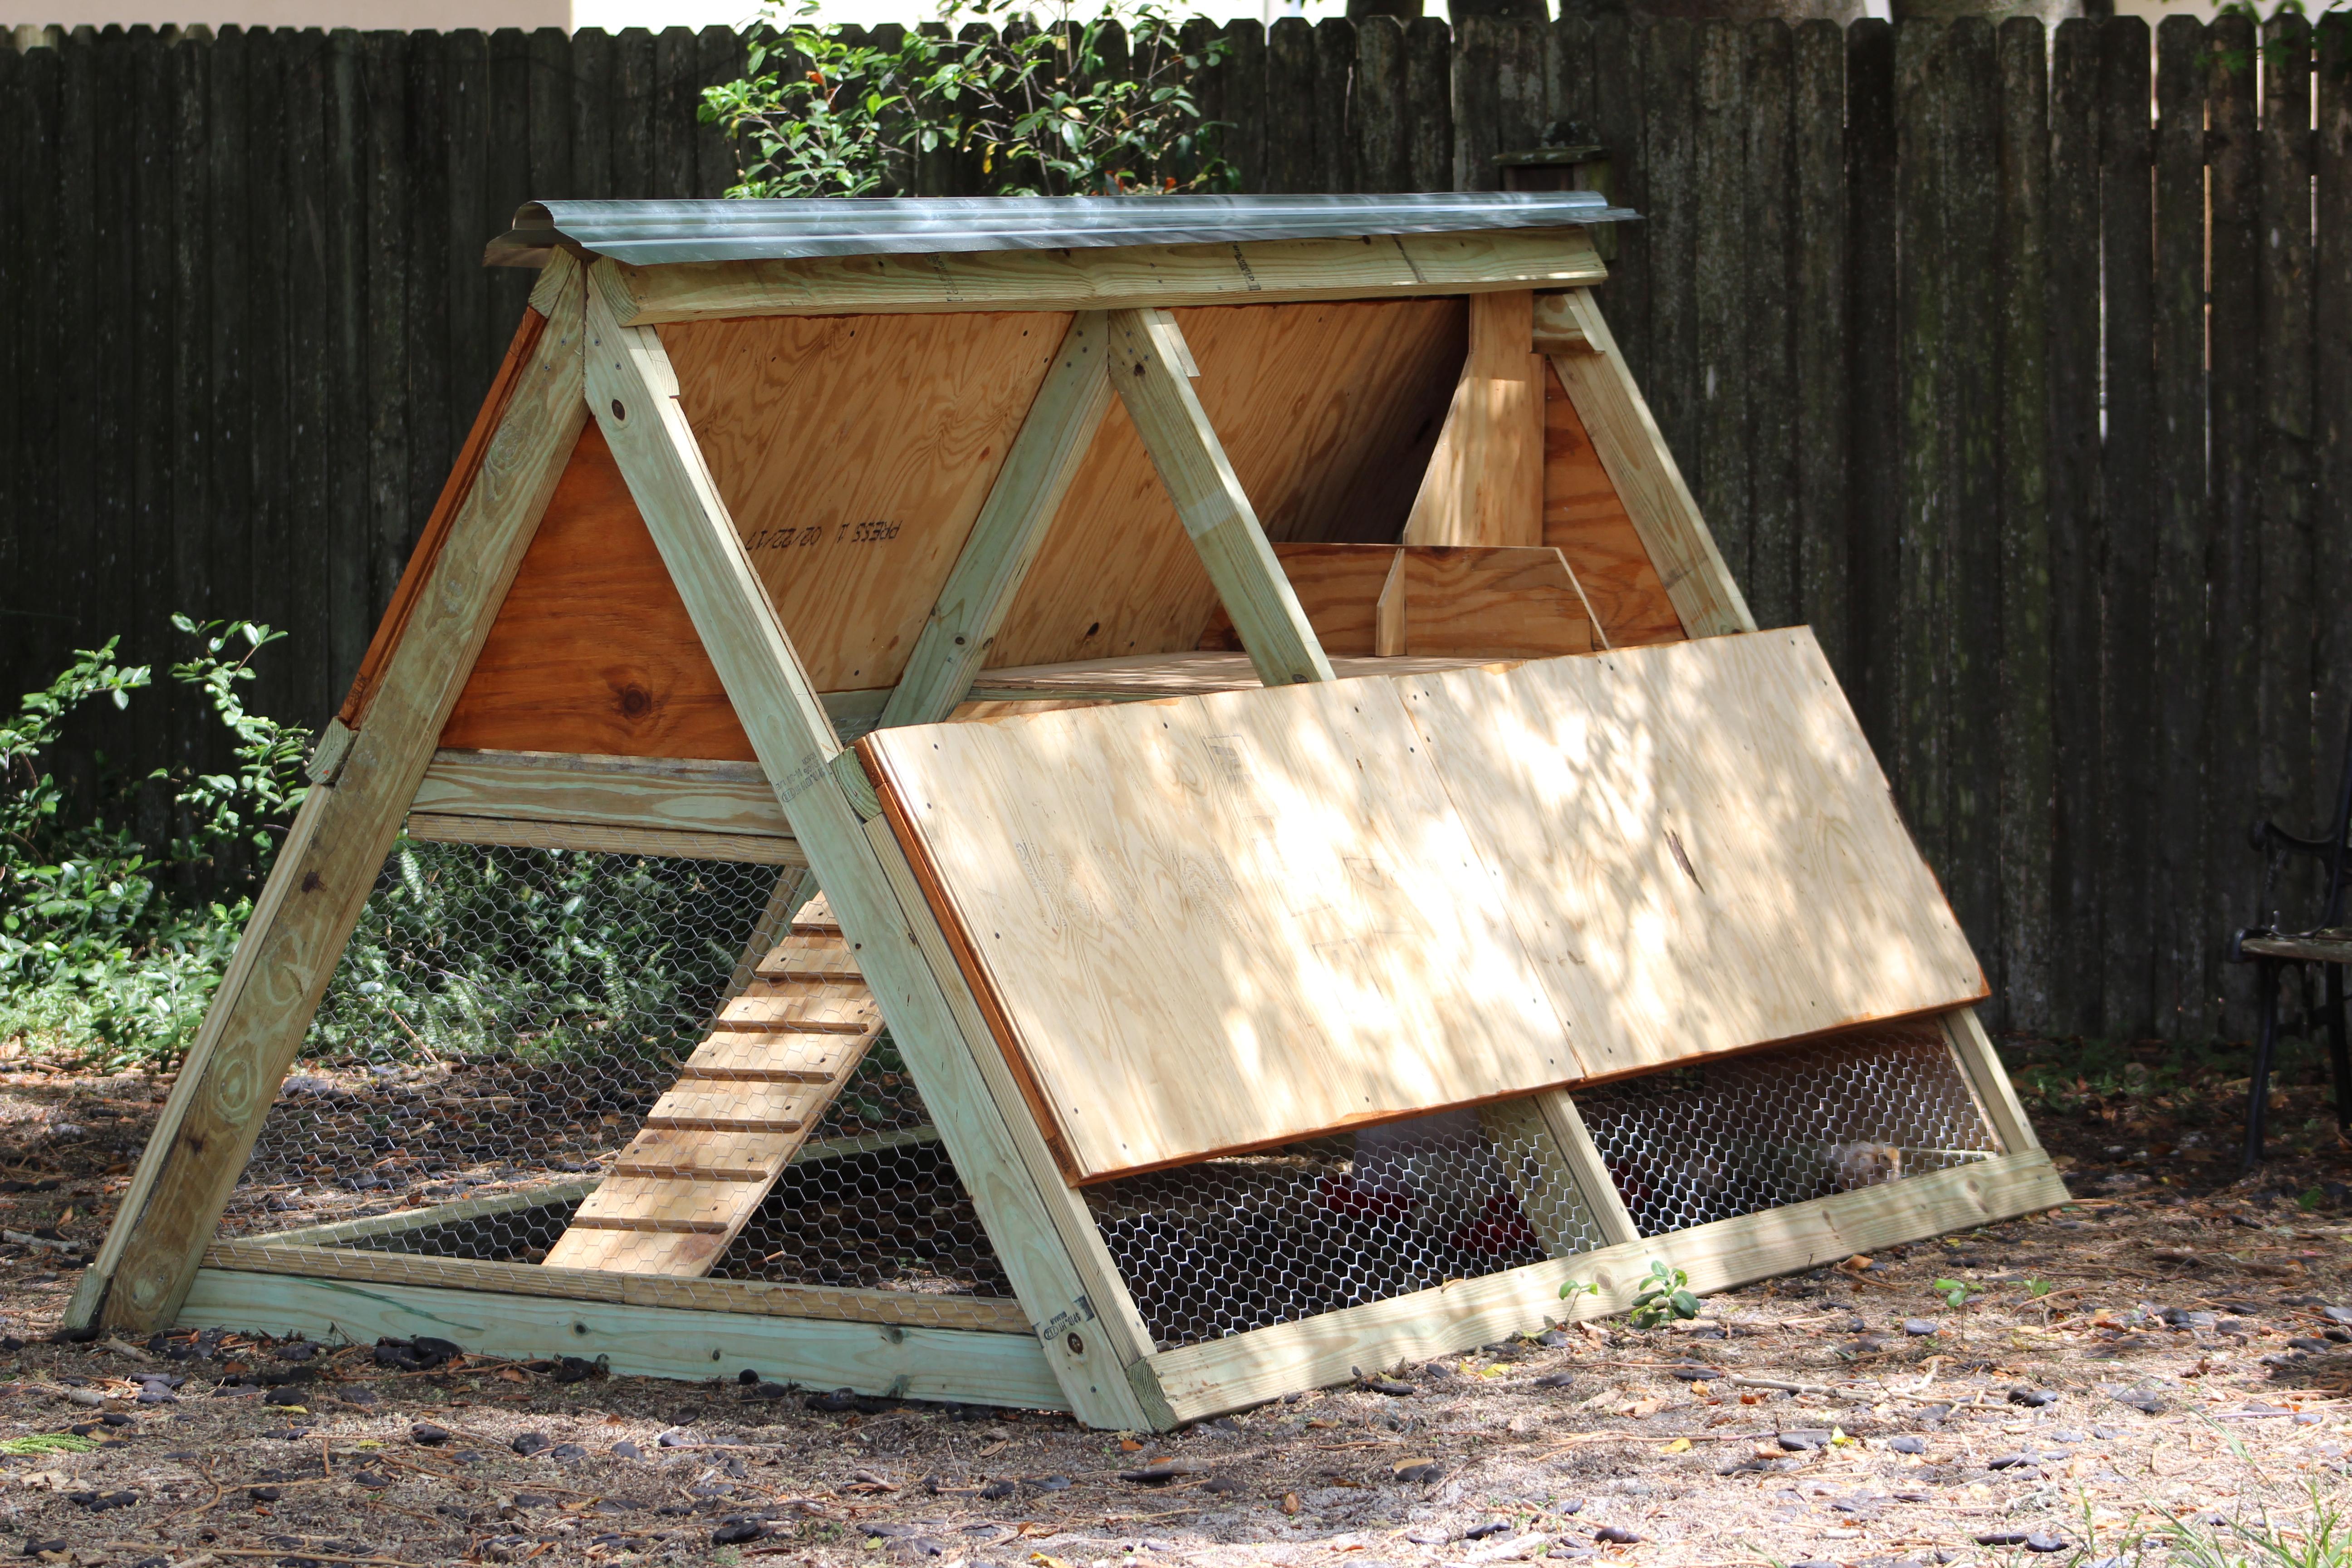 A Frame Chicken Coop Ana White